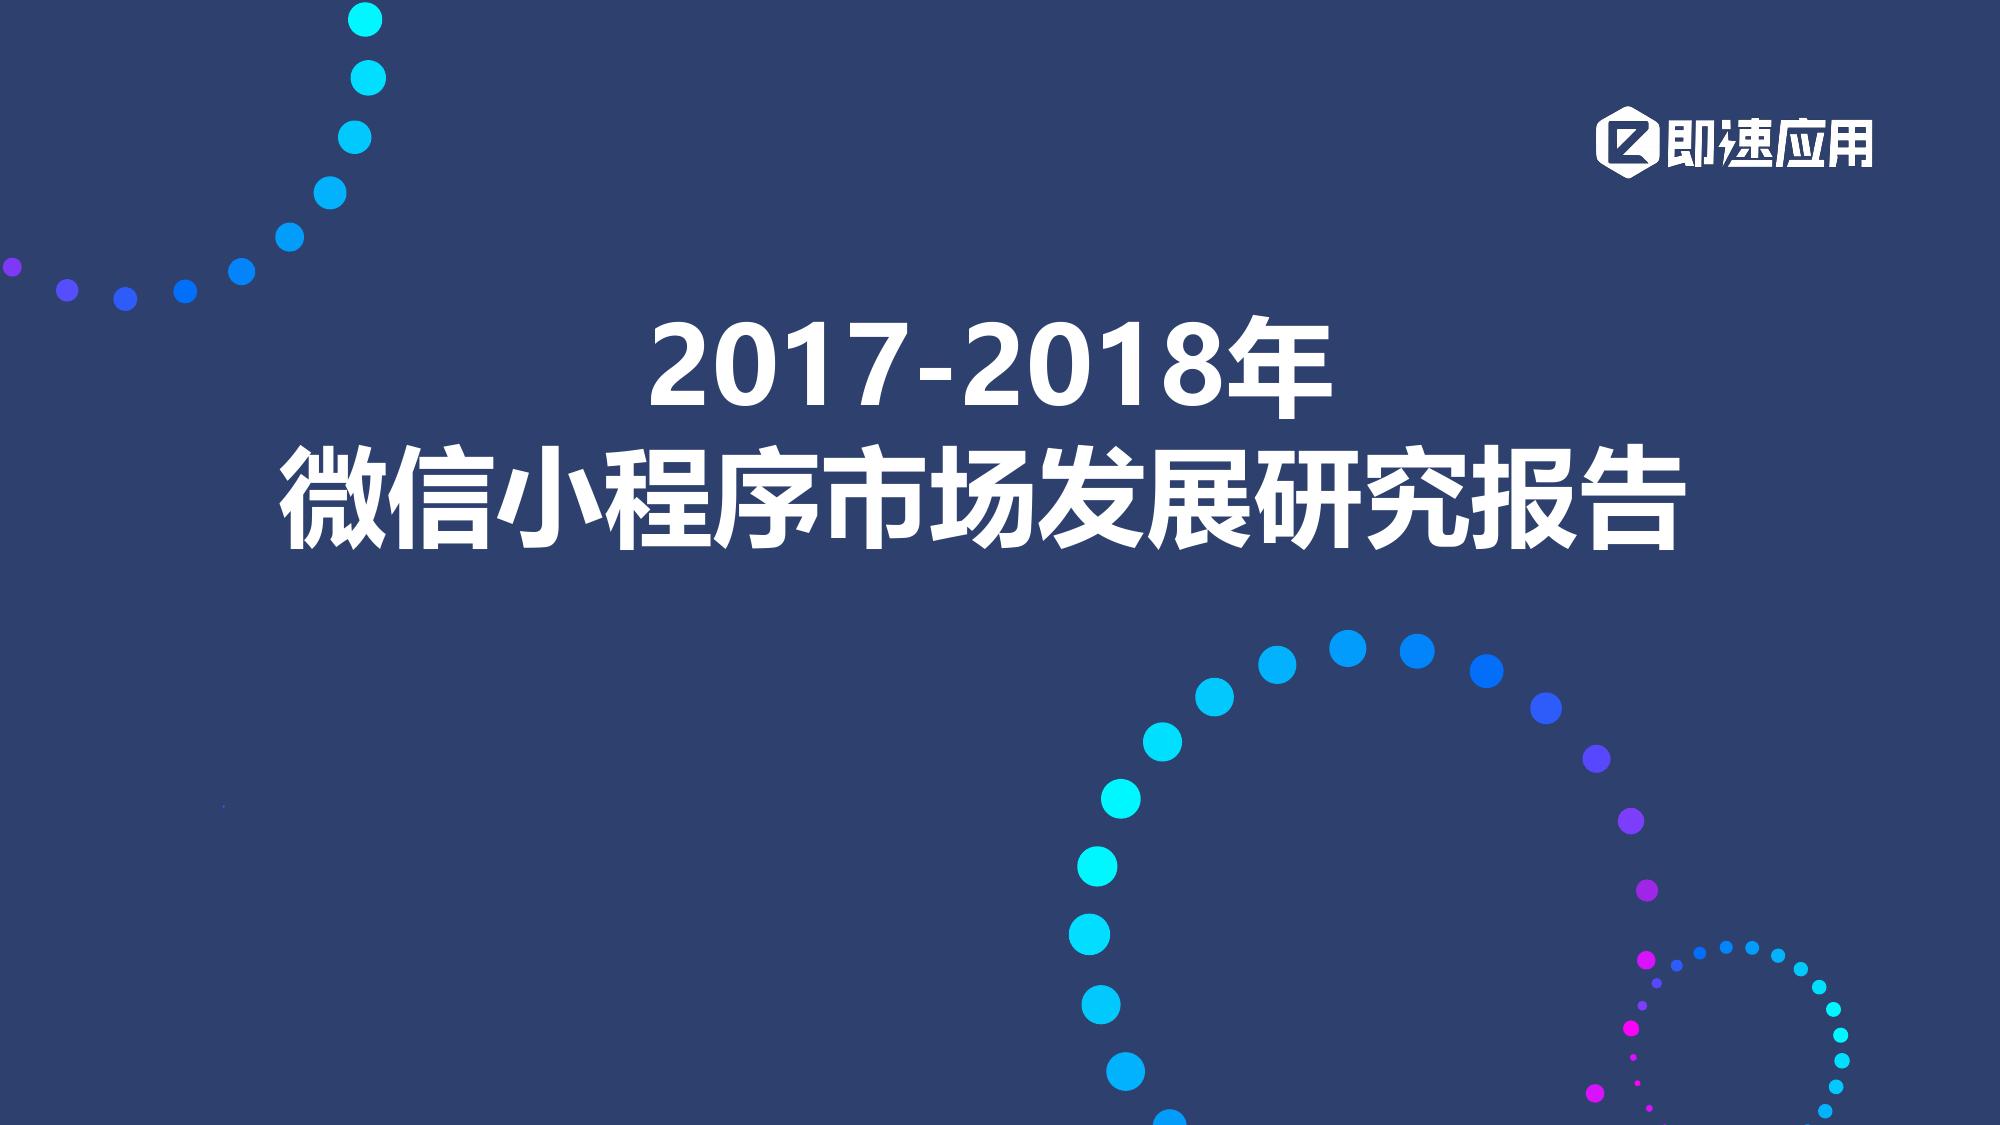 即速应用:2017-2018年微信小程序市场发展研究报告